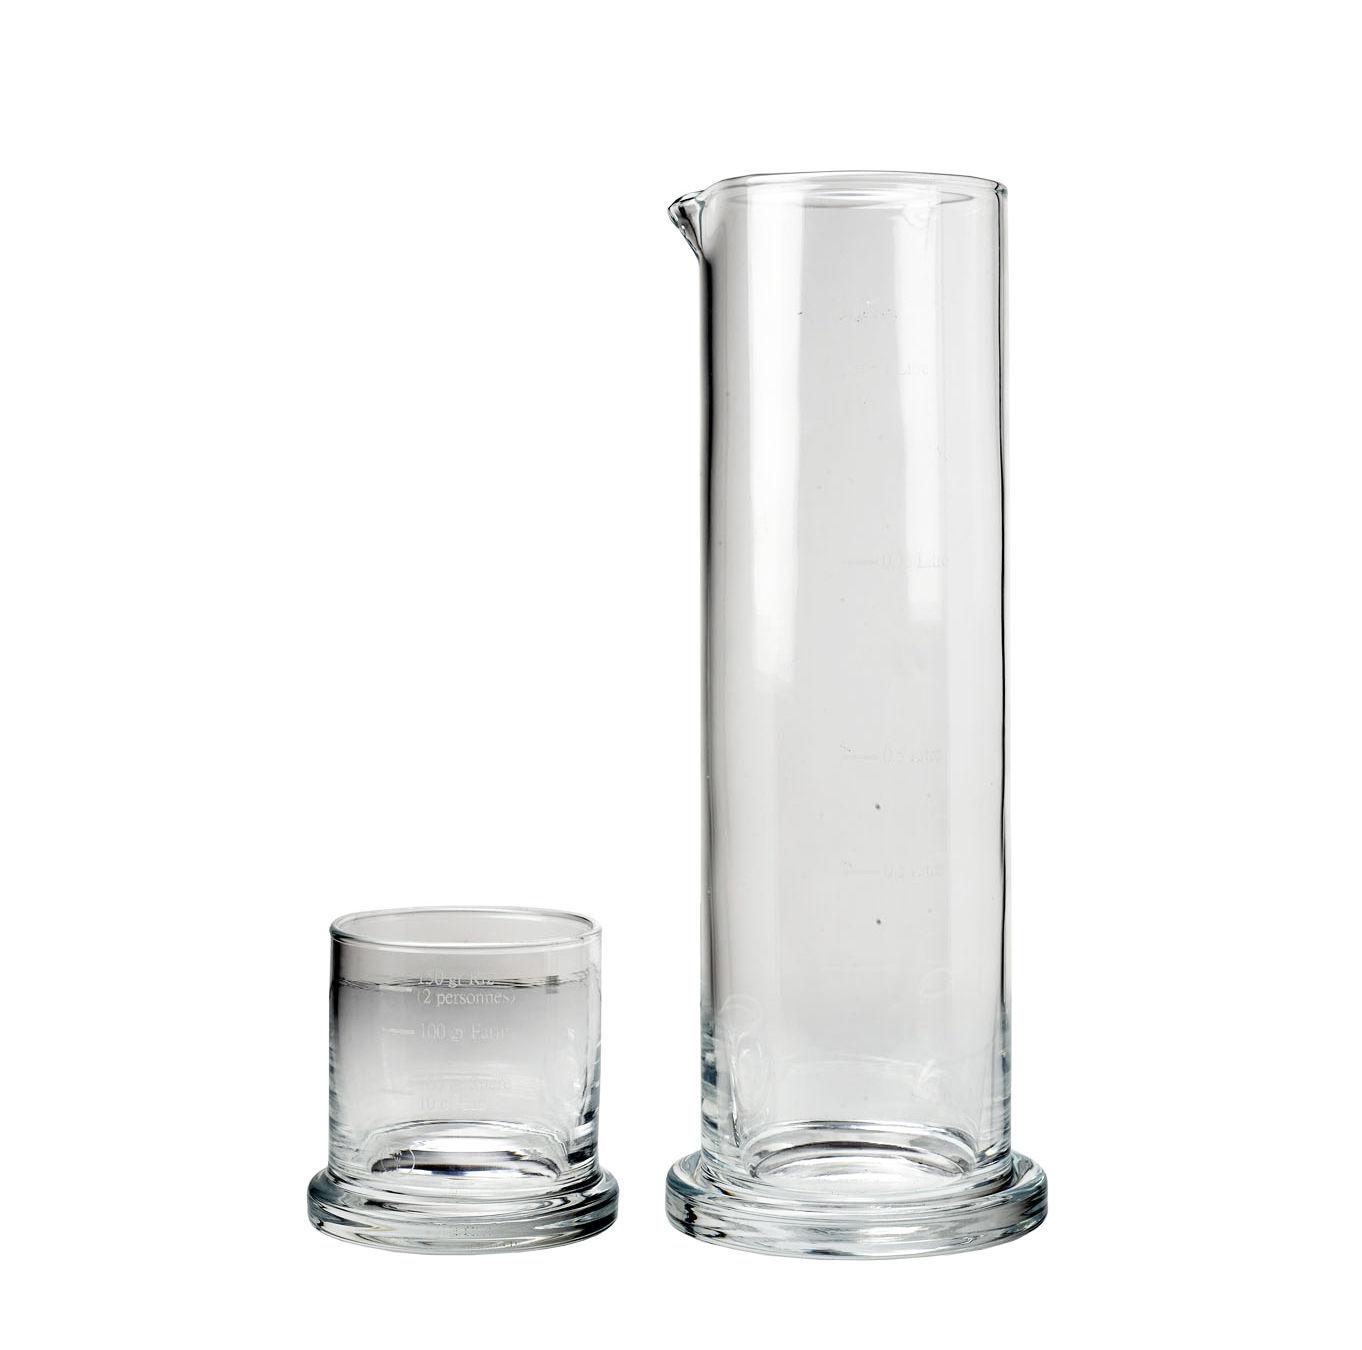 Tavola - Caraffe e Decantatori - Bicchiere dosatore Le Duo - / Bicchiere graduato - Multifunzione di Malle W. Trousseau - Trasparente - Vetro soffiato a bocca